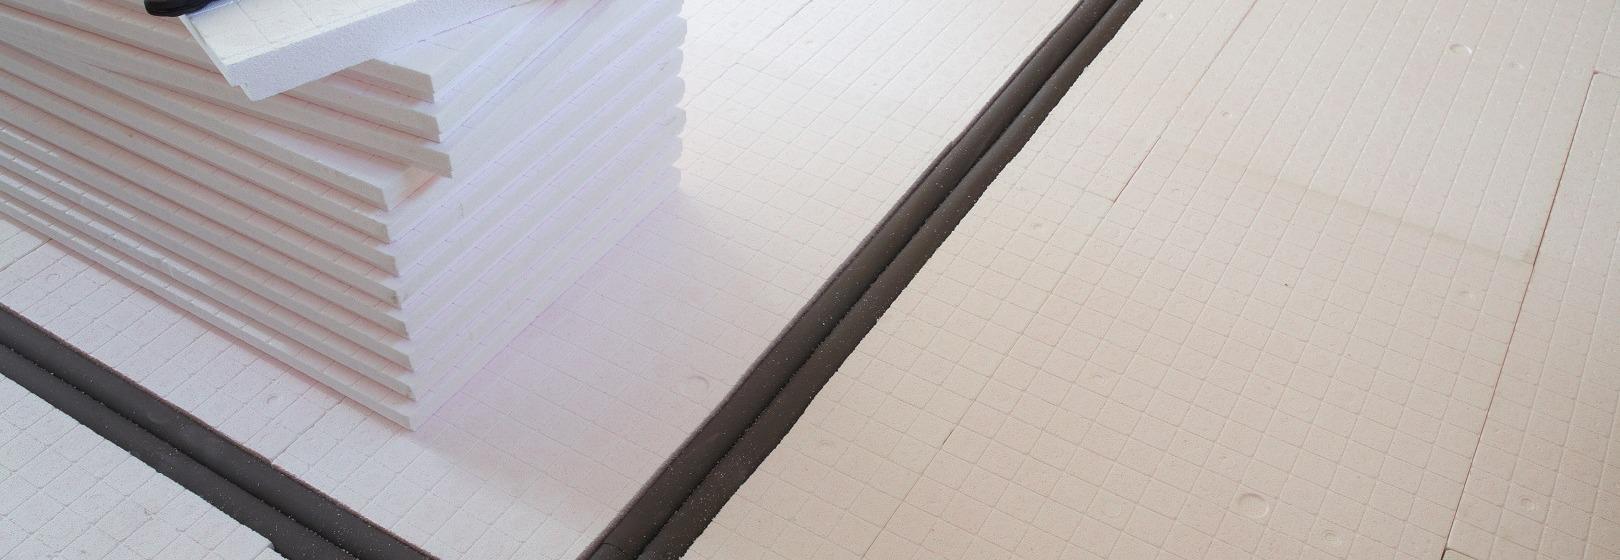 Ocieplenie podłogi na gruncie styropianem